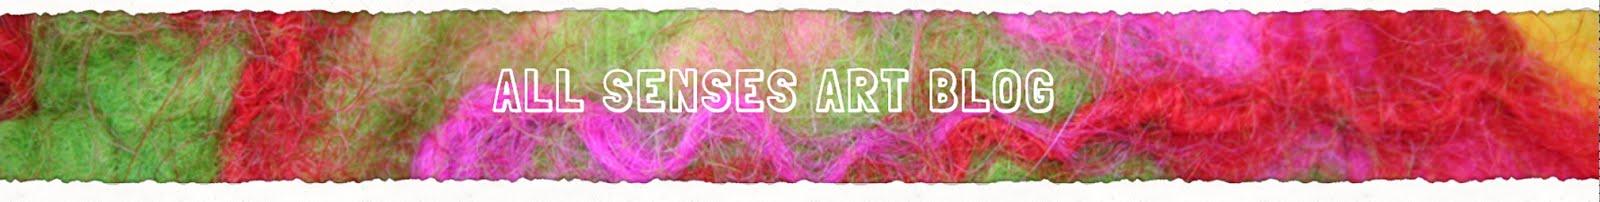 AllSensesArt Blog